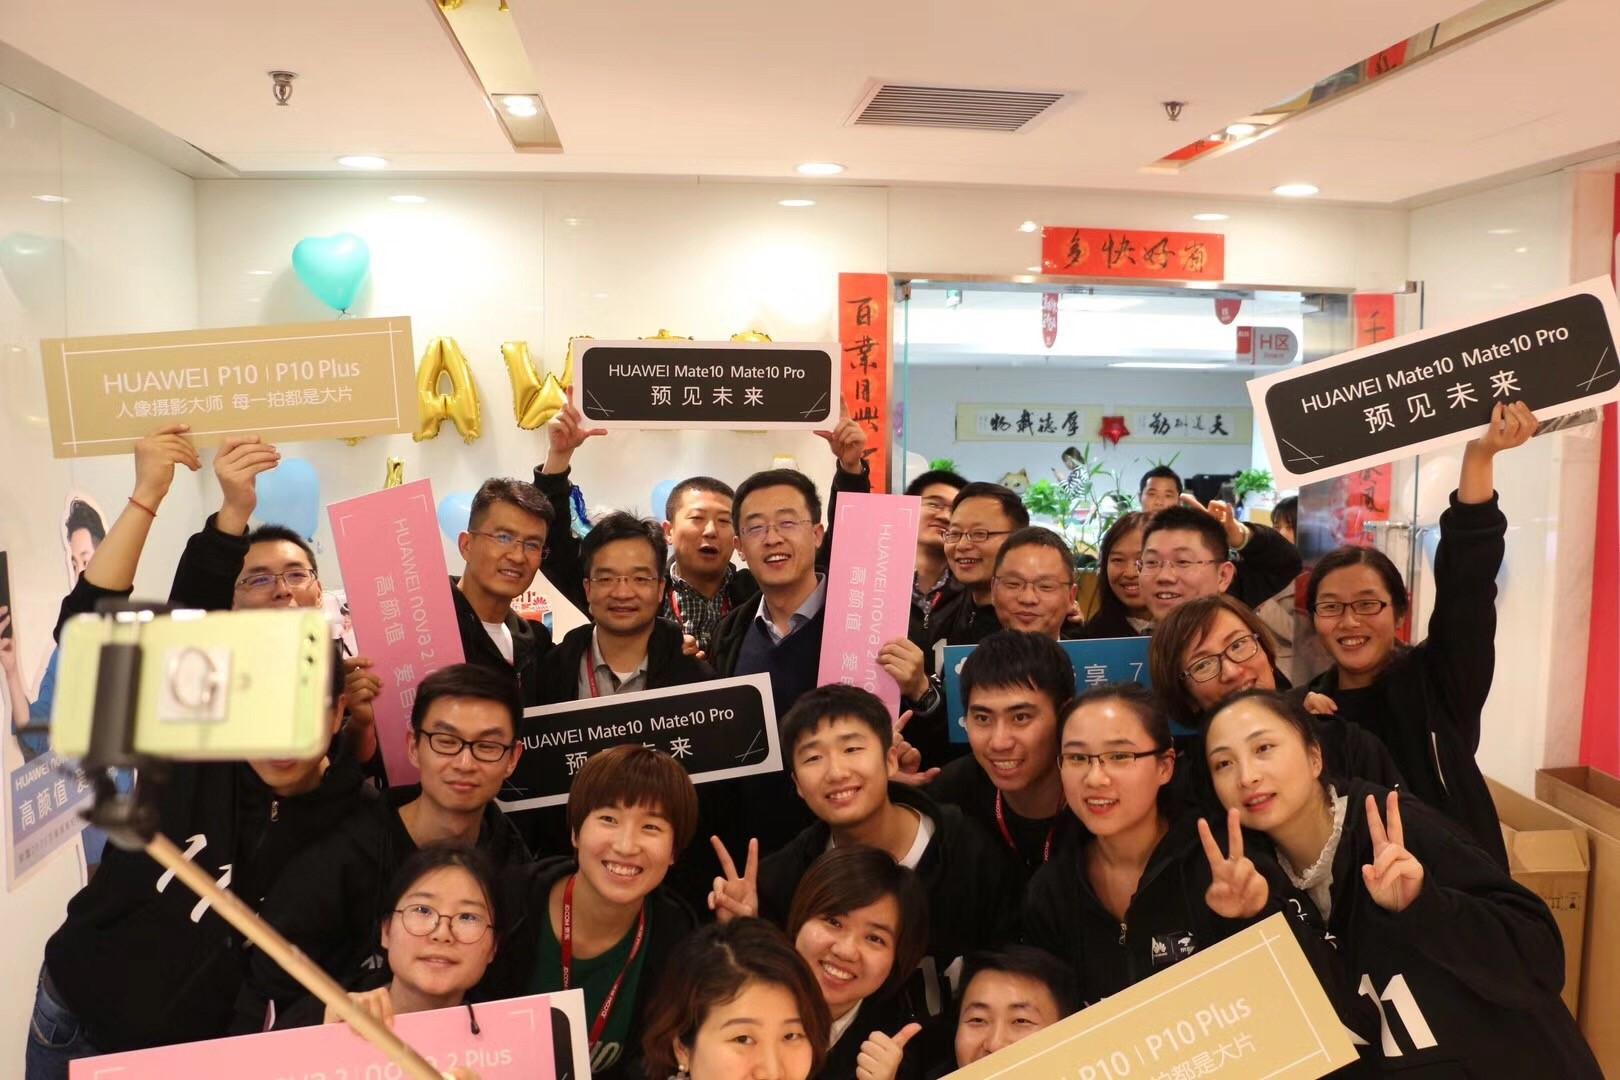 华为三位副总裁熬夜驻守京东 成为京东最快破亿国产手机品牌